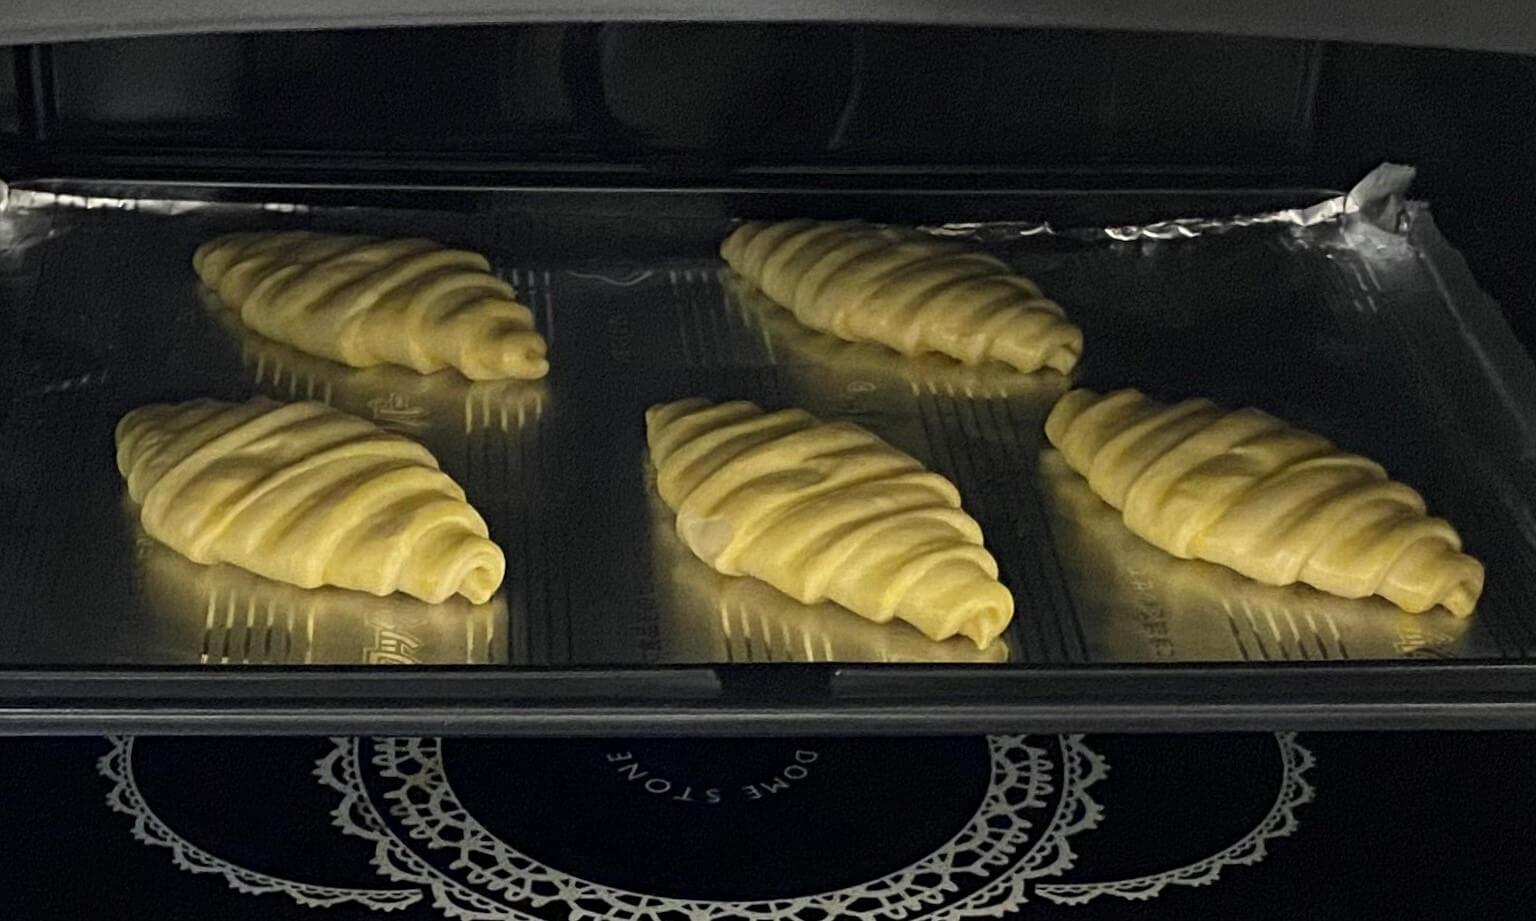 カルディ冷凍クロワッサンオーブン